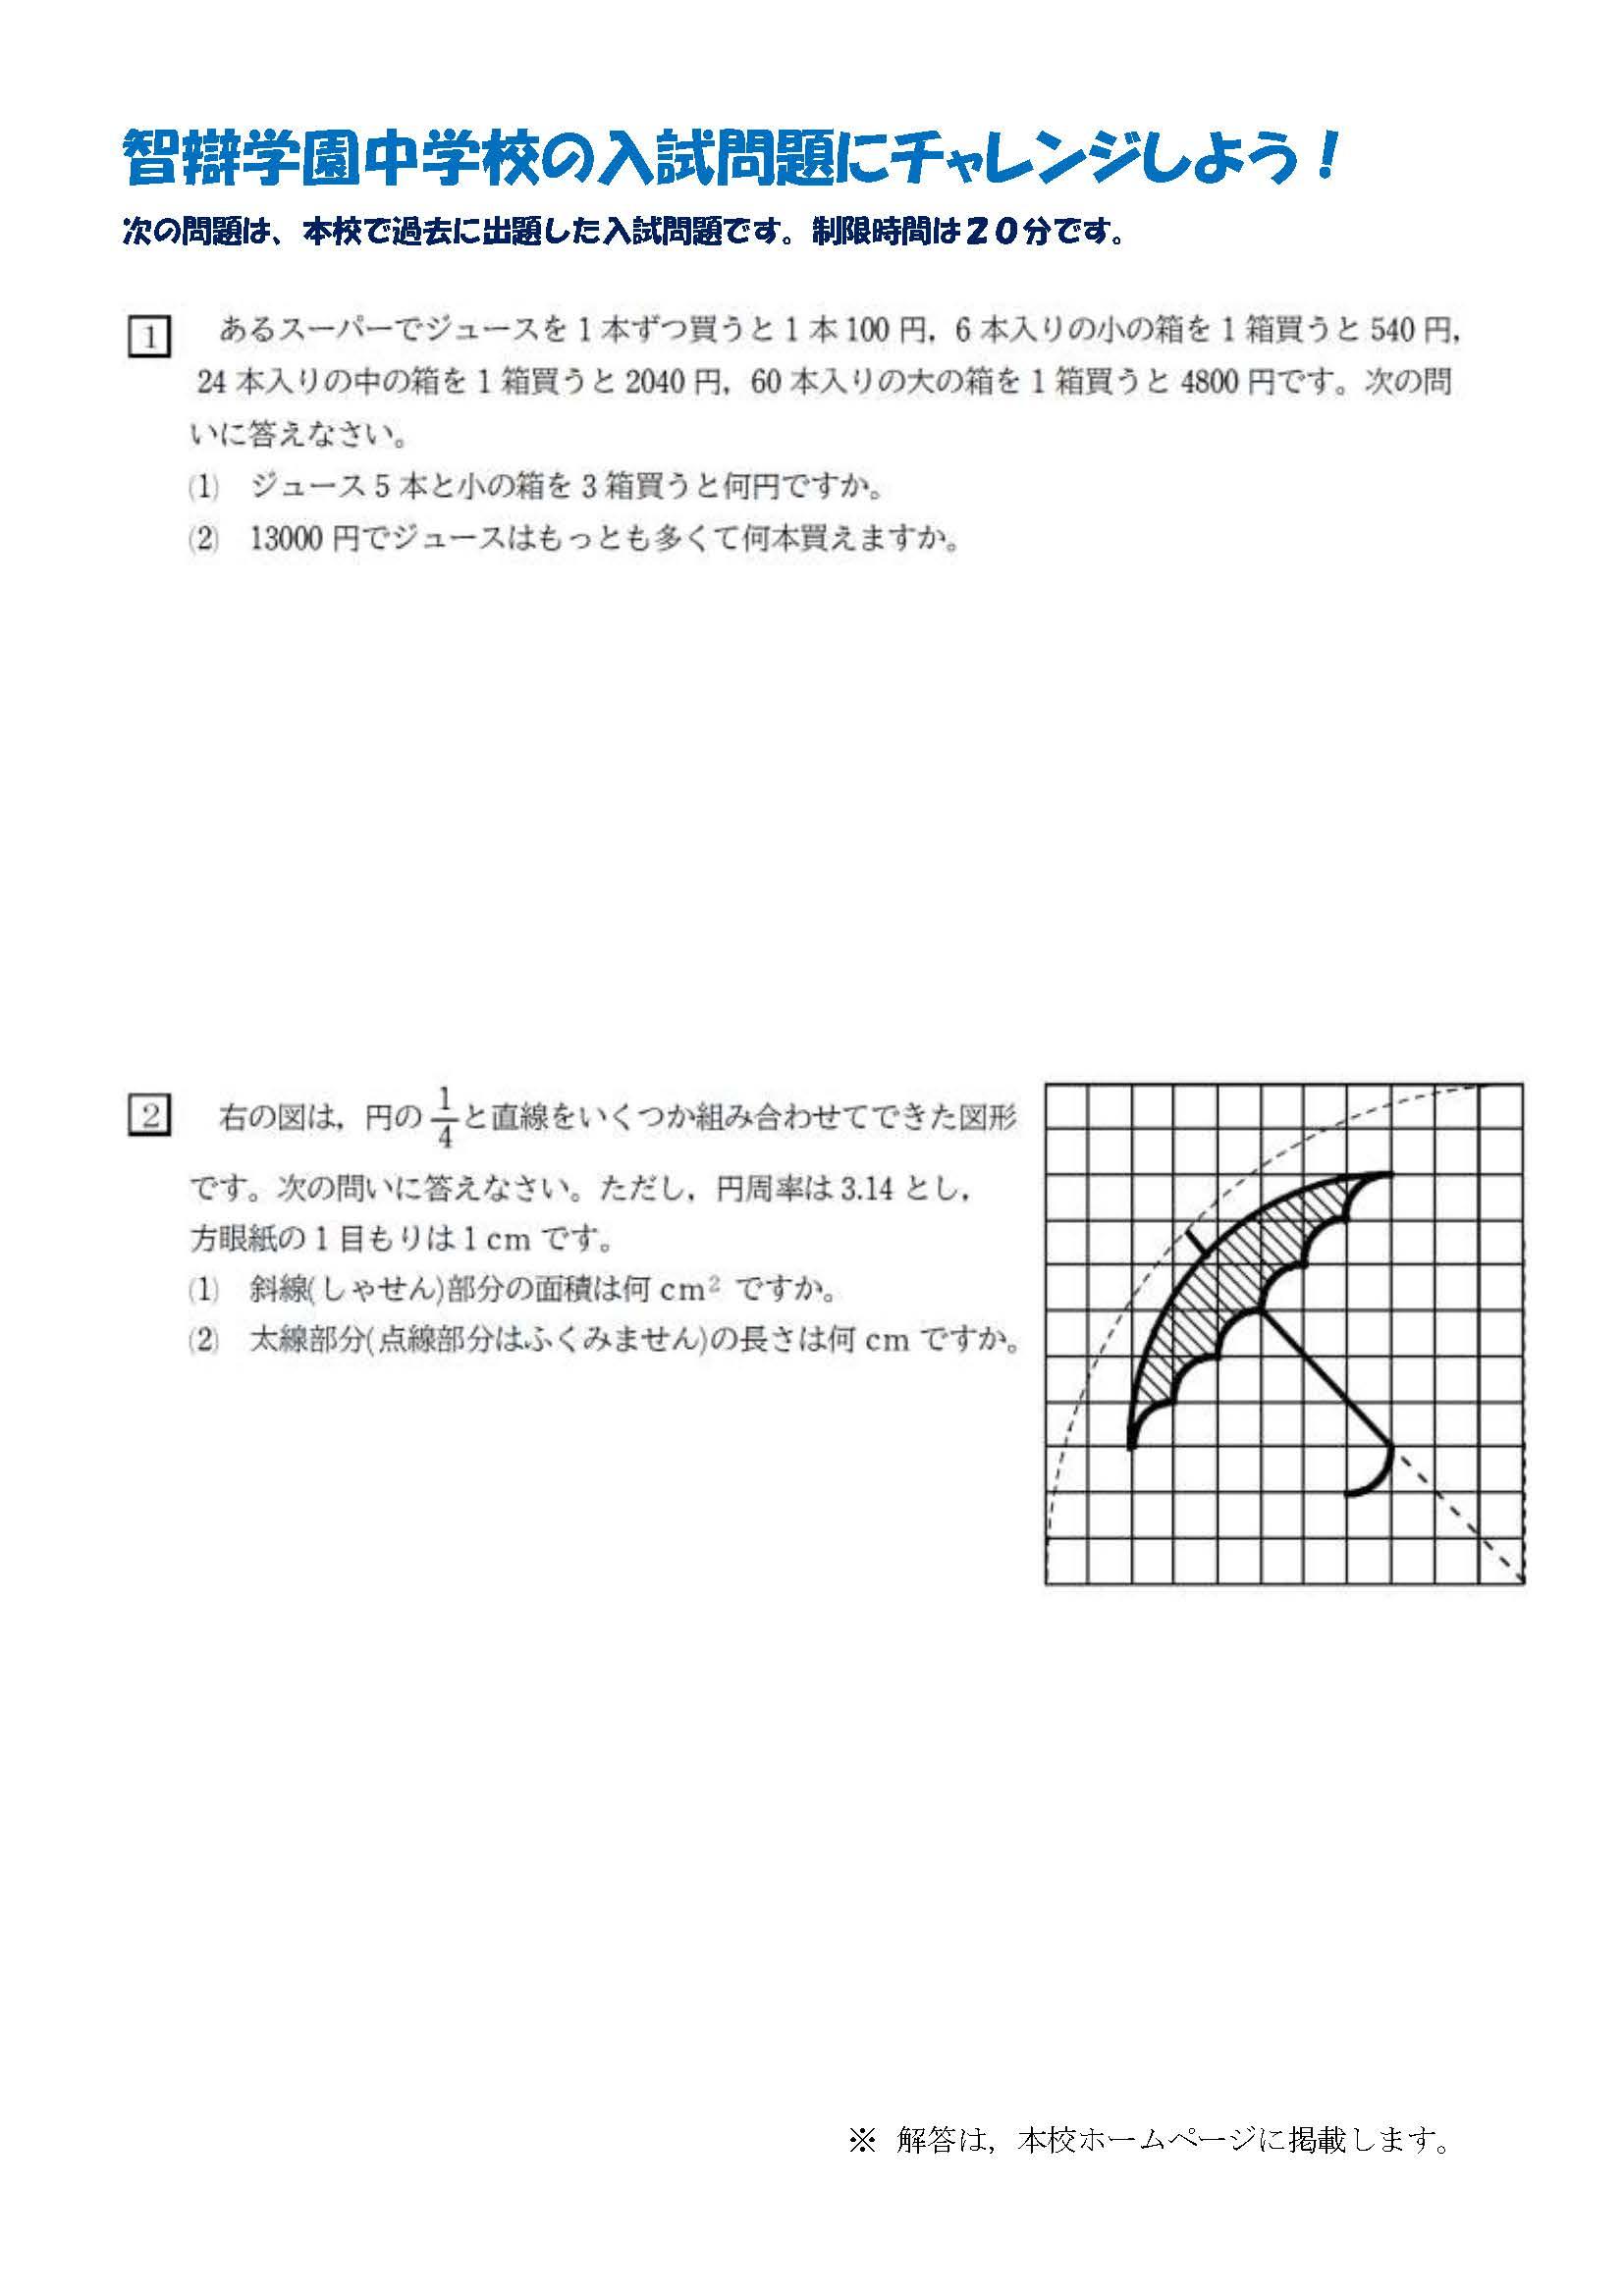 【中学校】「入試問題にチャレンジ!」(5/23) 解答と解説